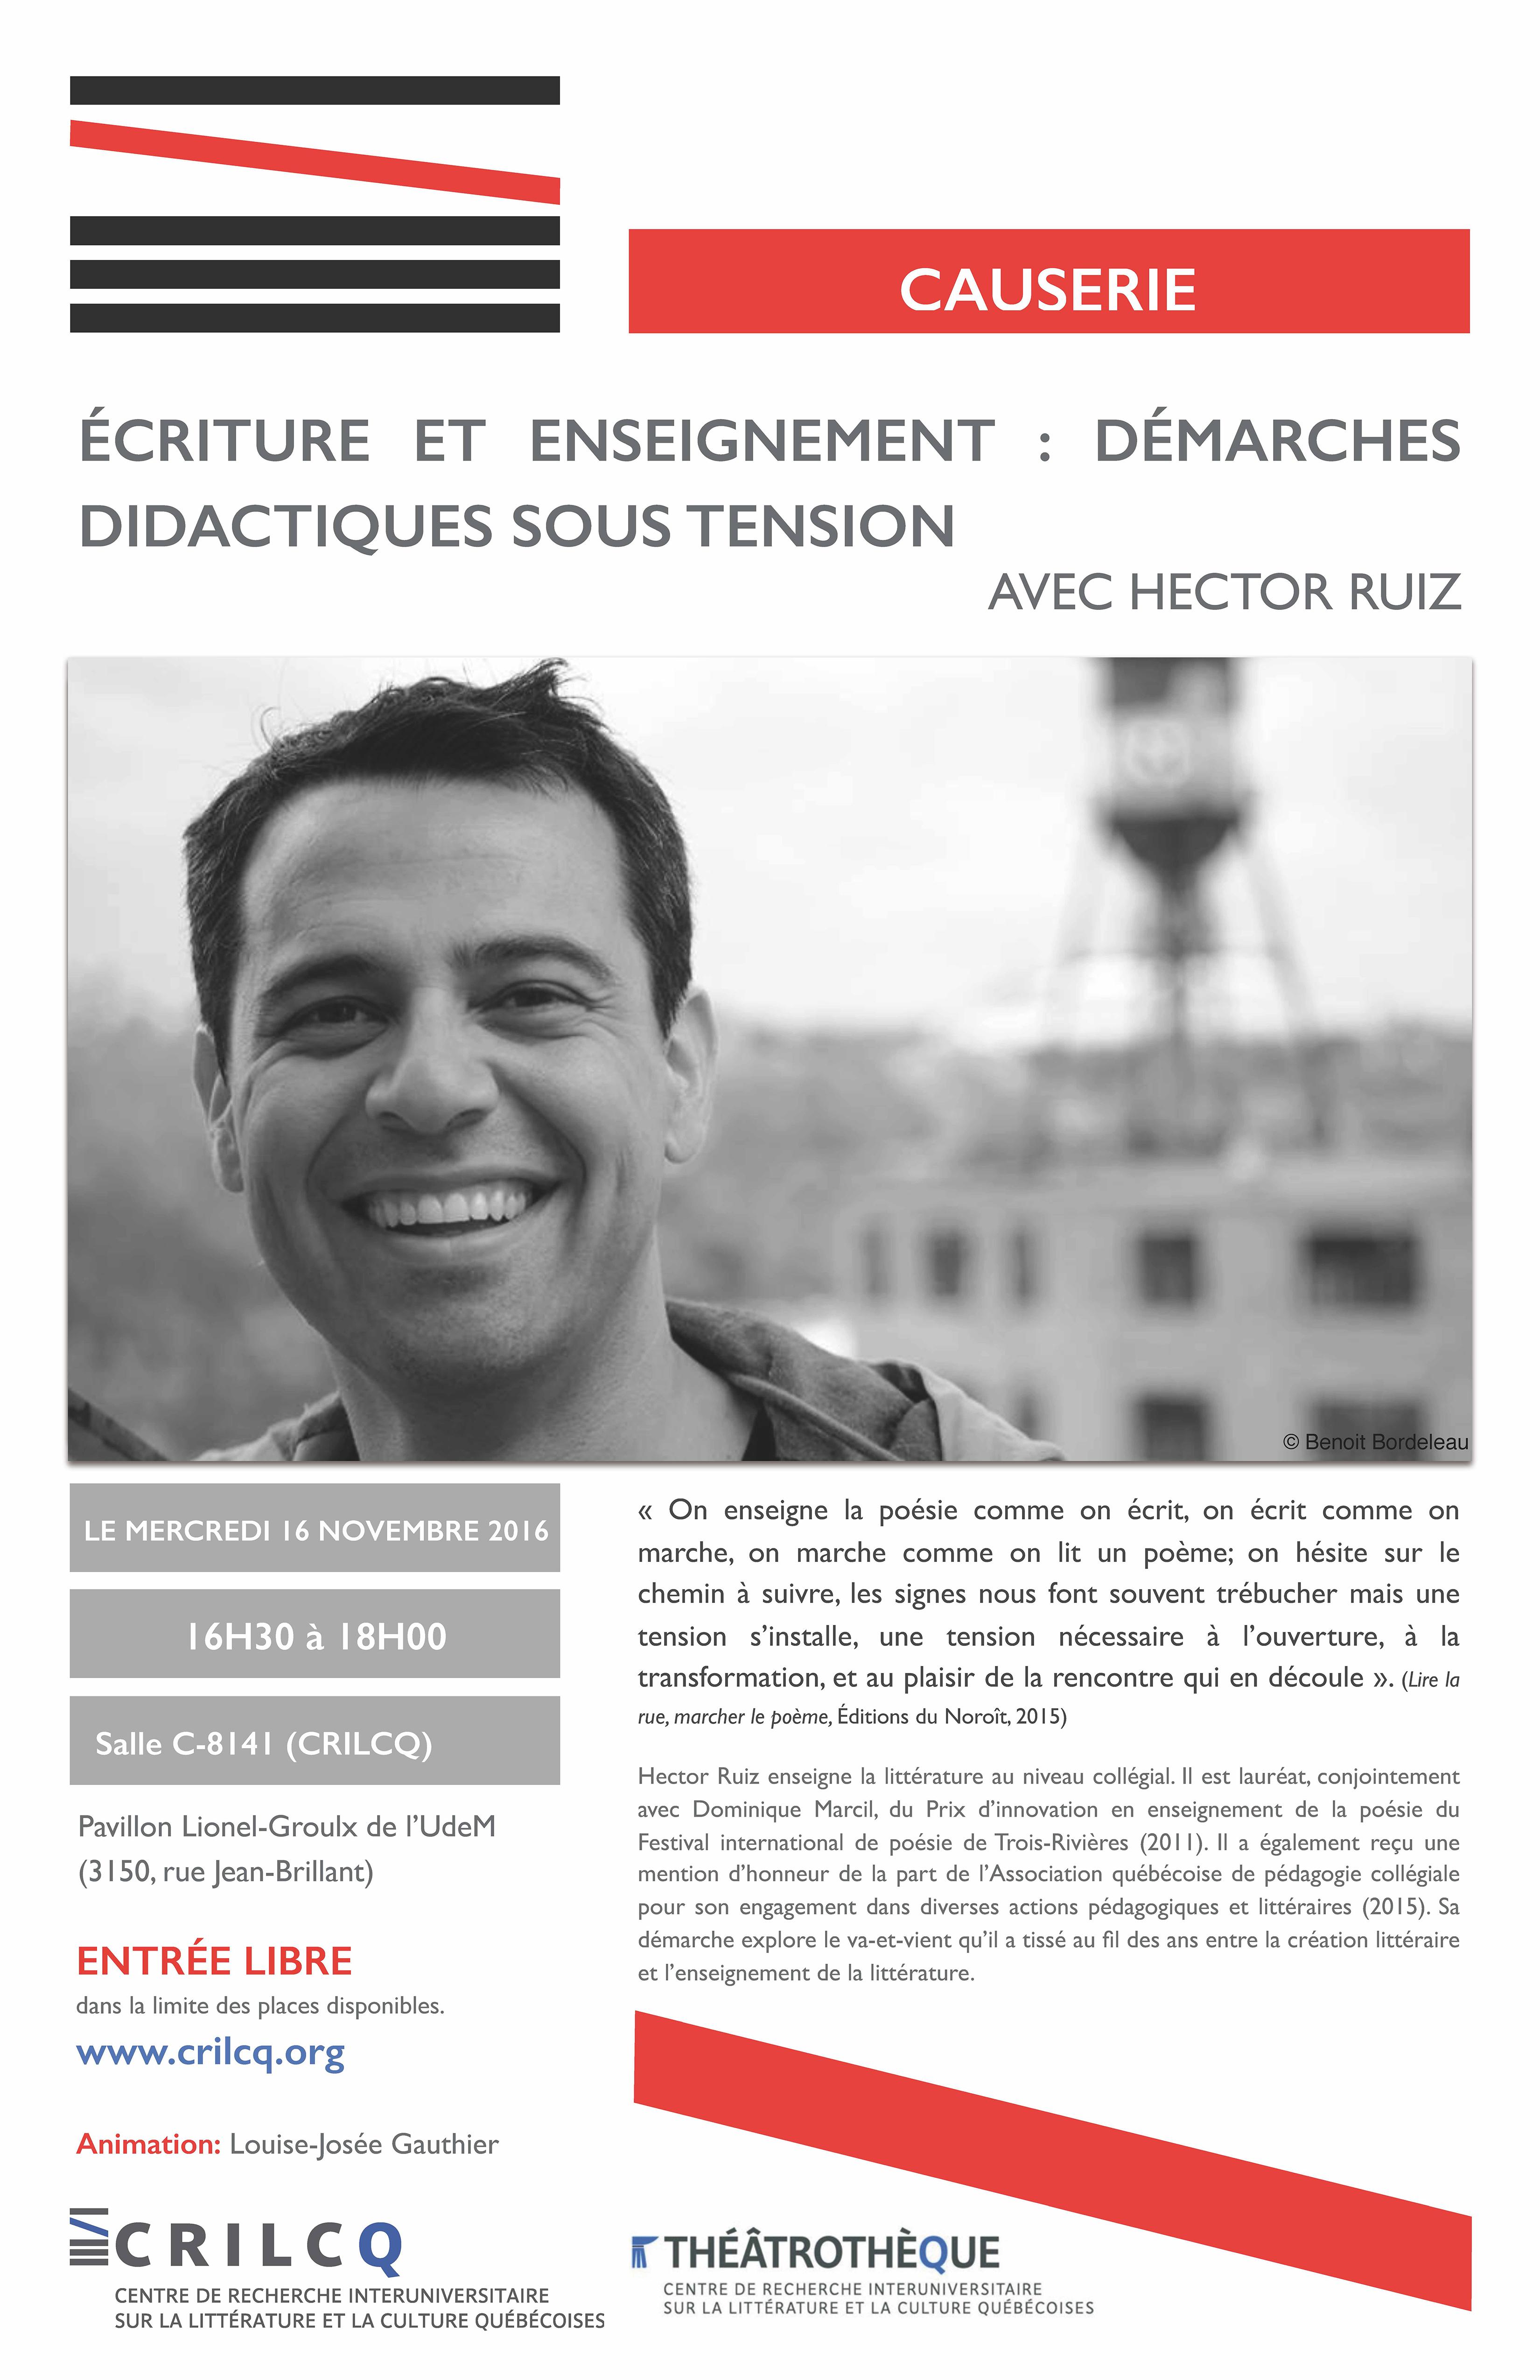 IMAGE-affiche-causerie-ecriture-et-enseignement-demarches-didactiques-sous-tension